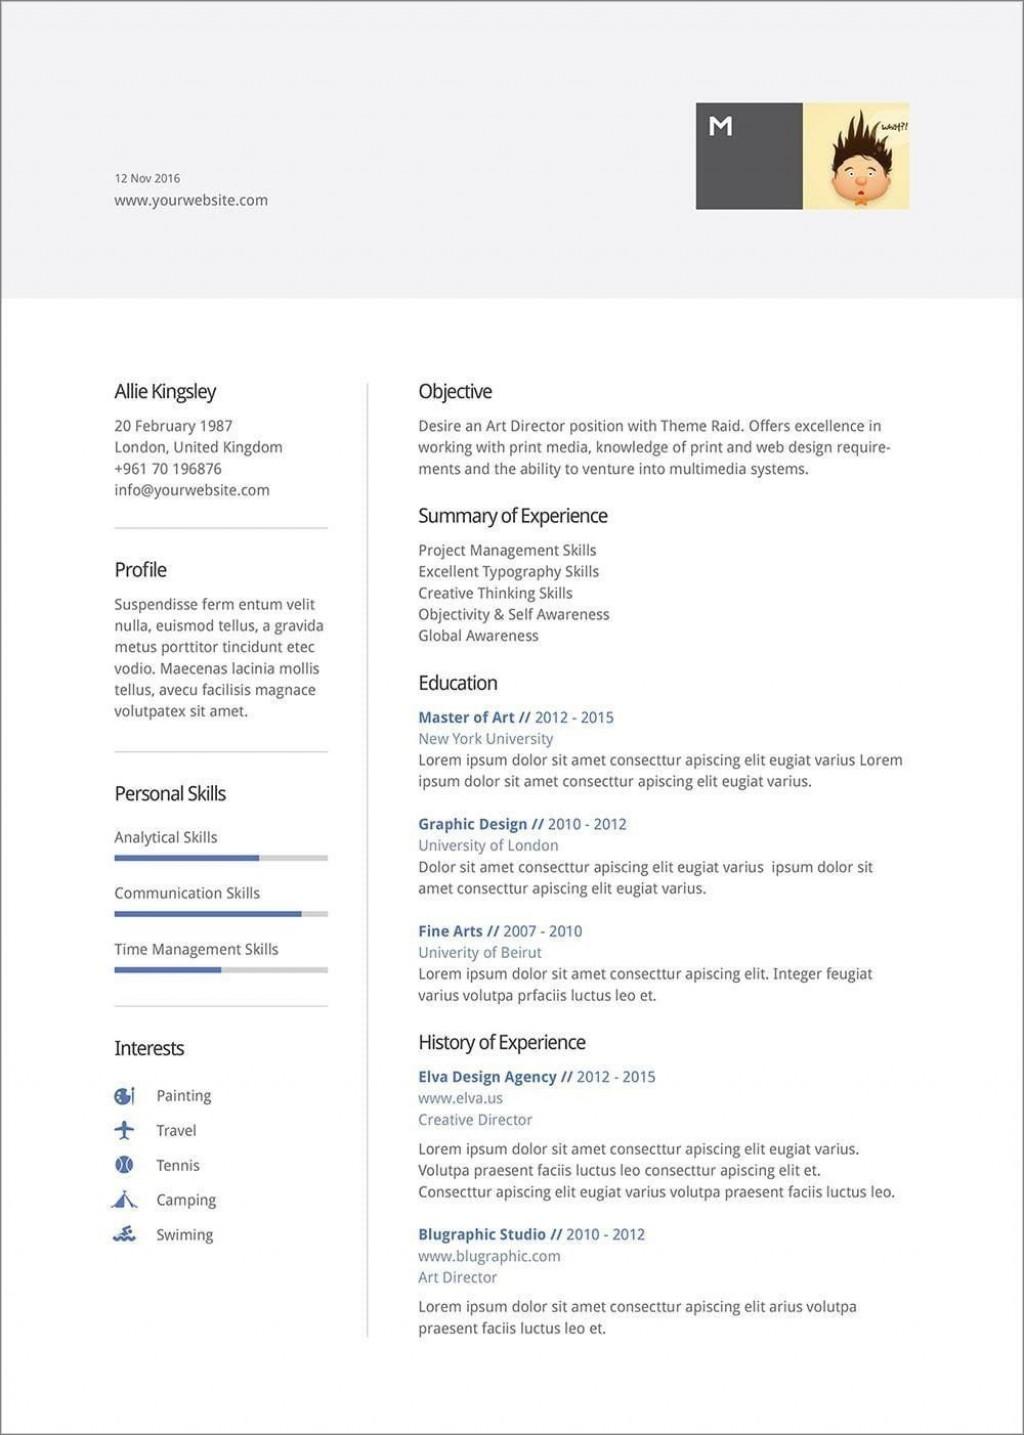 007 Unique Resume Template Word 2016 Design  Cv ProfessionalLarge